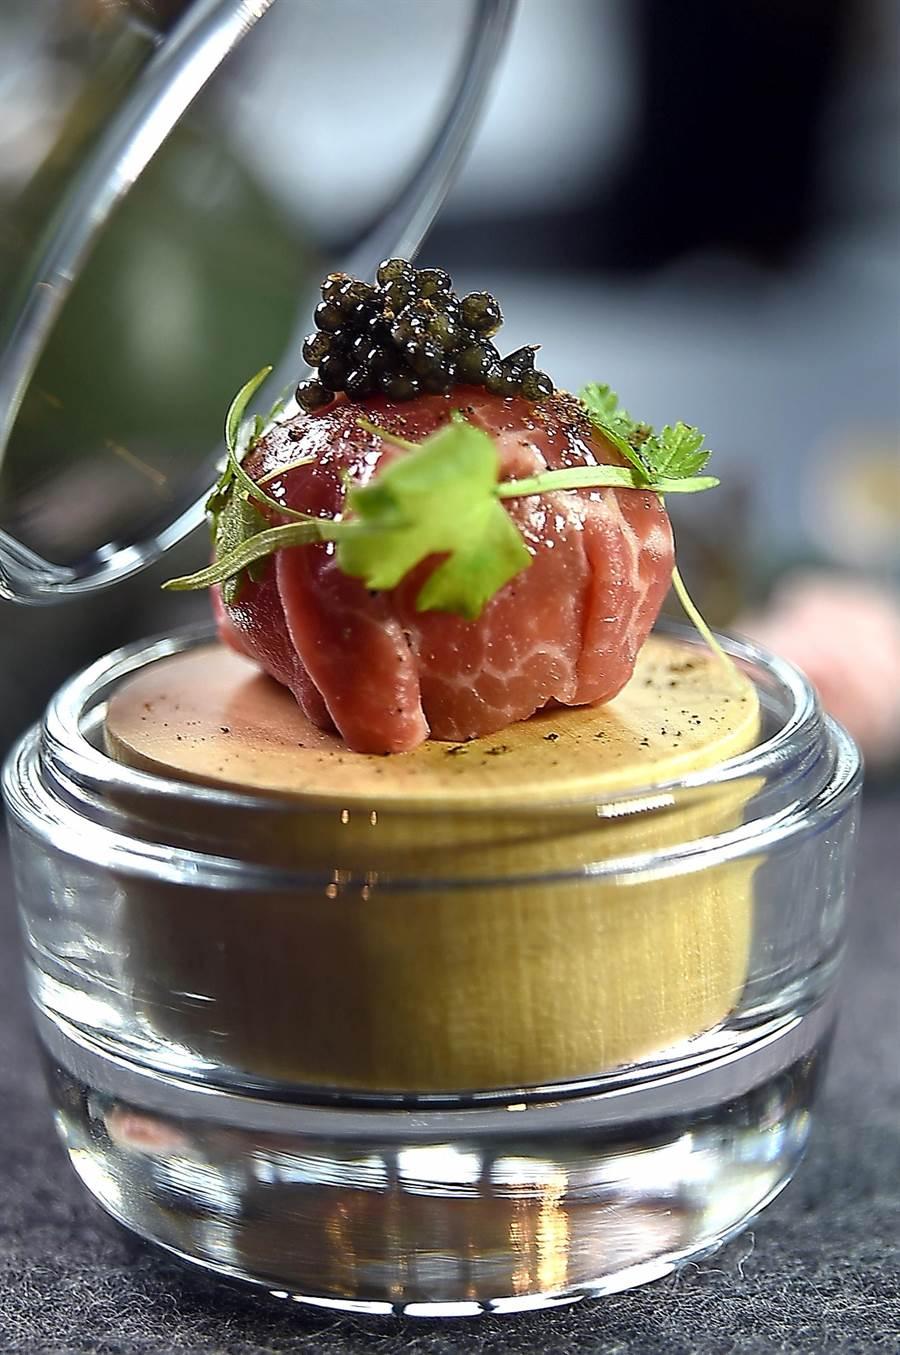 〈RAW〉餐廳的夏季新菜〈牛肉漬蛋〉,是以鹽醃生牛肉包裹著以日式手法醃製的「雞蛋」,並以魚子醬提味,一口咬下就能蹦出黃澄澄蛋黃。(圖/姚舜)